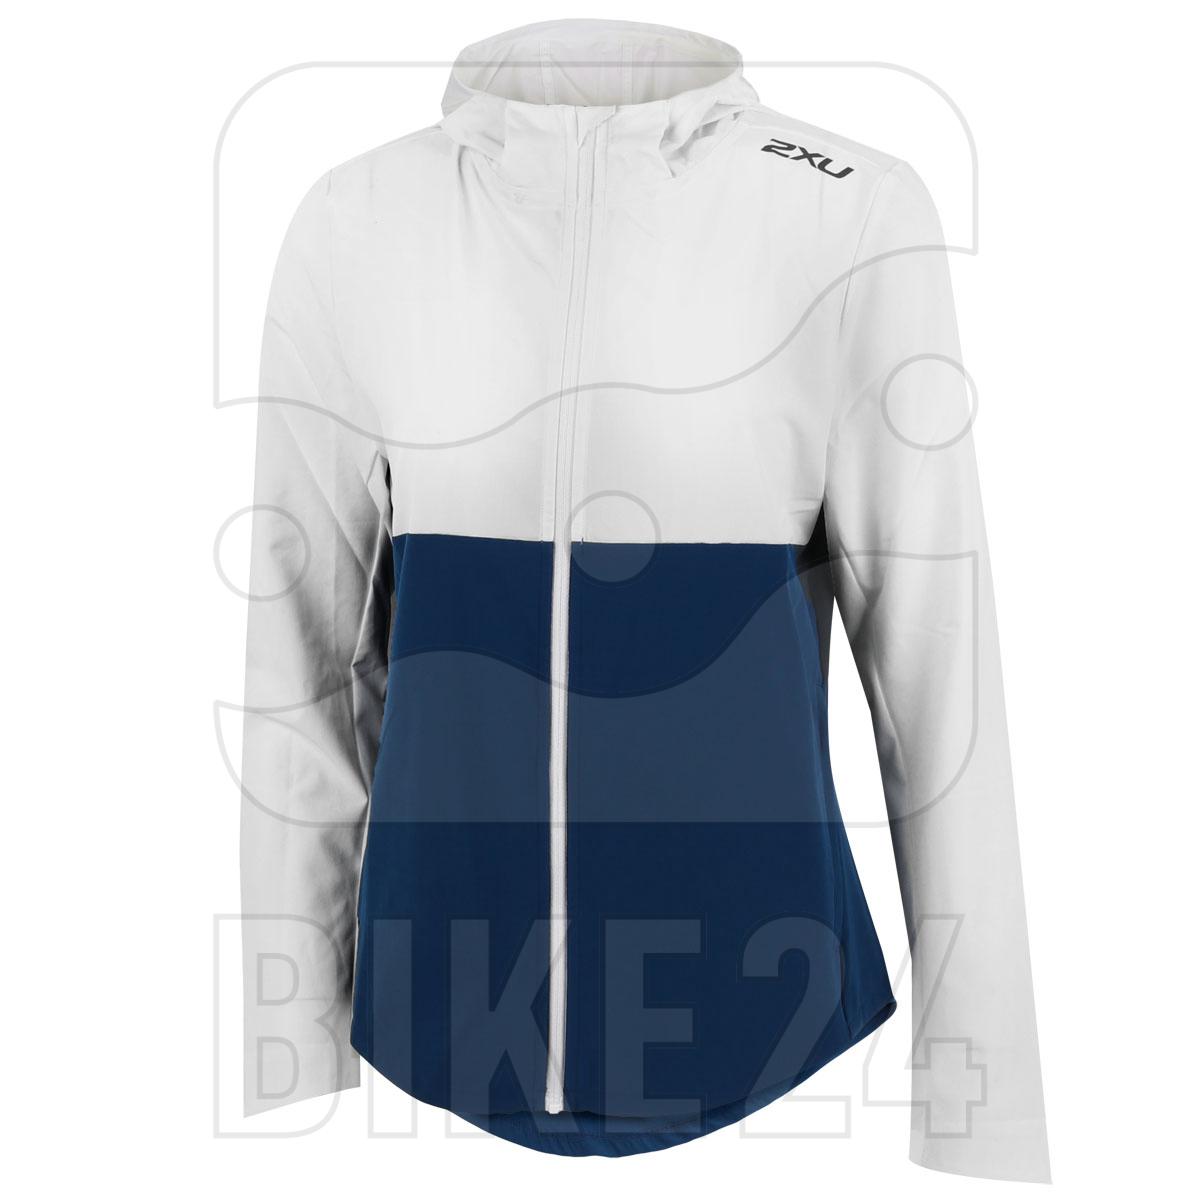 Imagen de 2XU XVENT DWR Chaqueta de correr para mujer - white/poseidon